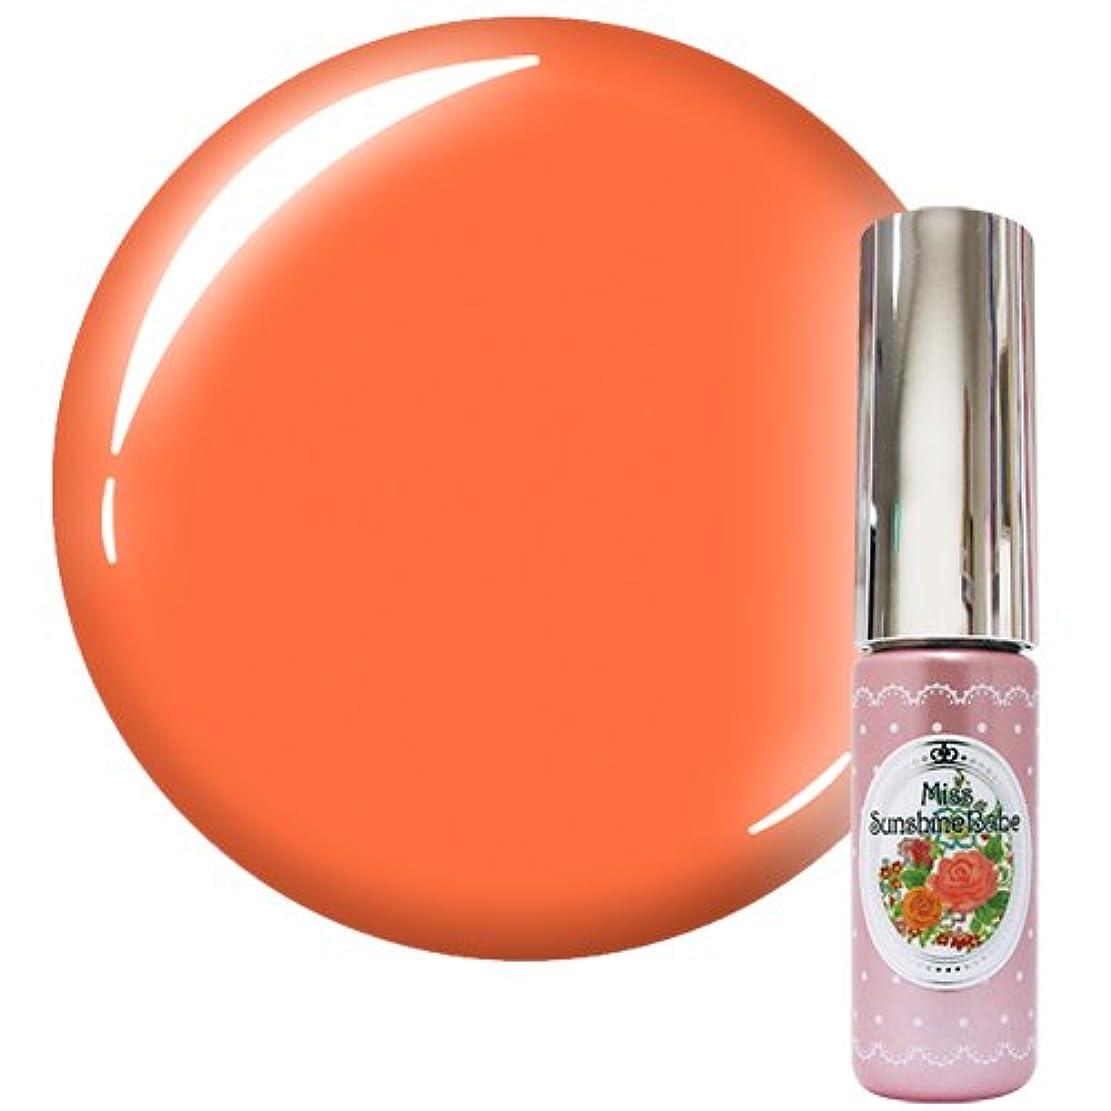 絵許される含めるMiss SunshineBabe ミス サンシャインベビー カラージェル MC-33 5g サマーパステルオレンジ